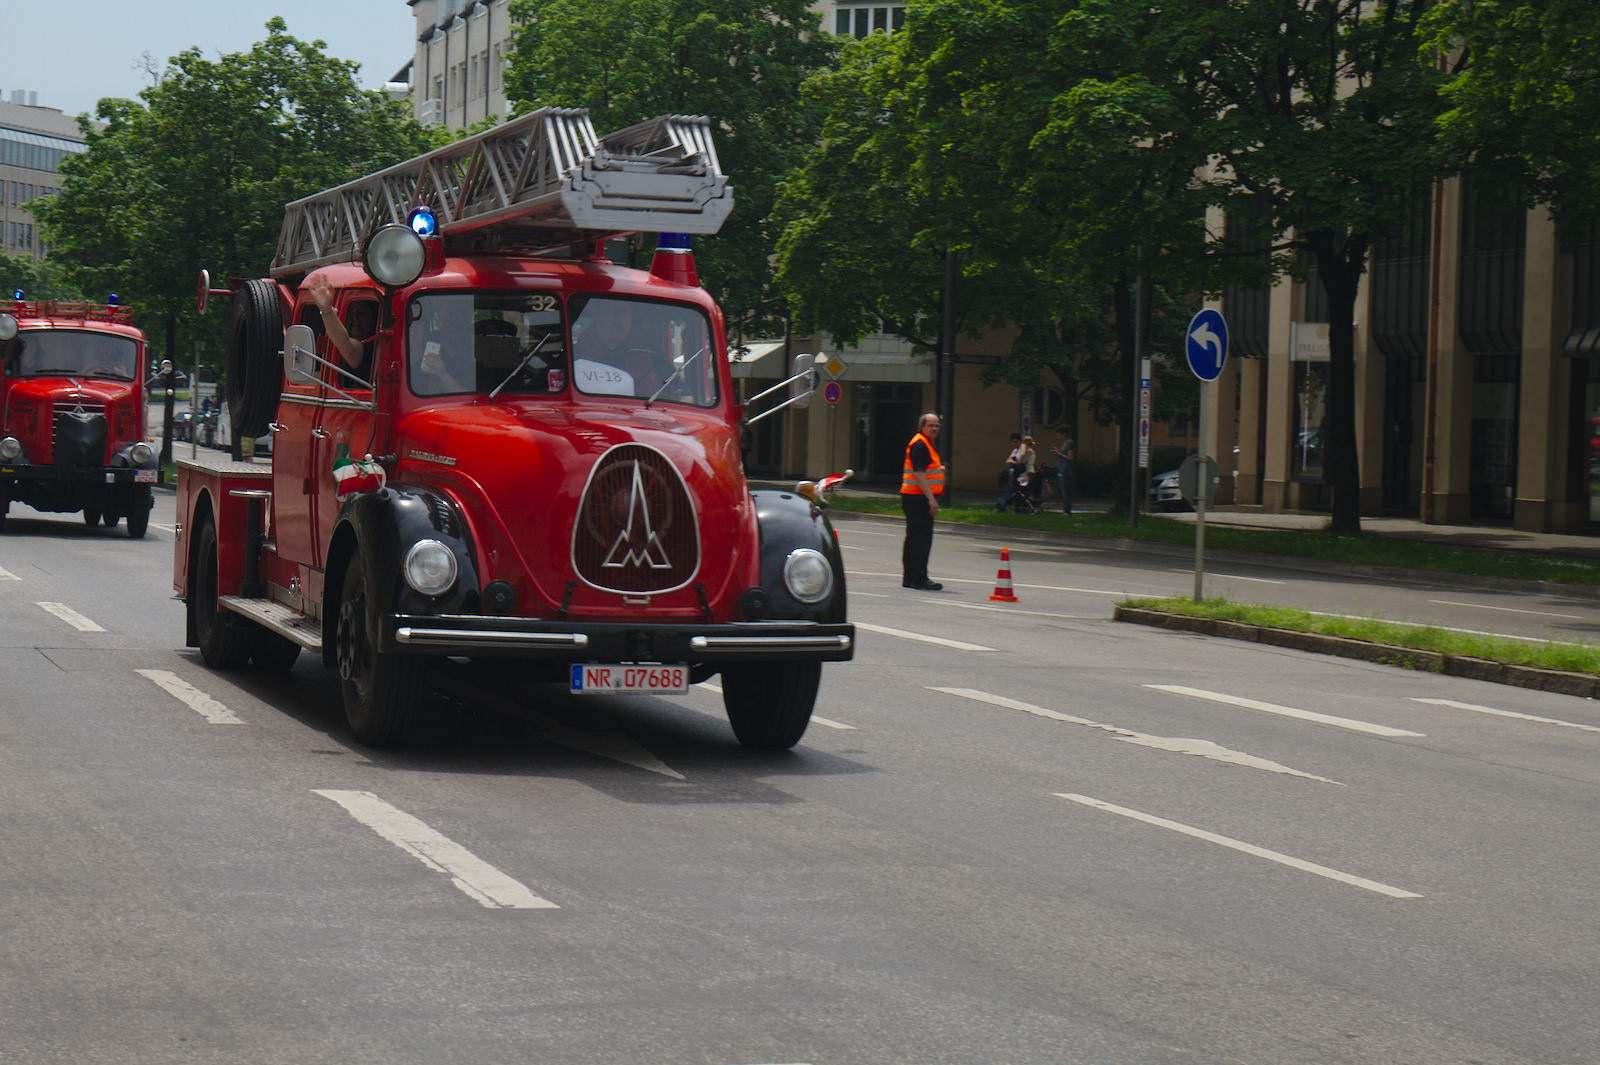 volunteer fire department12 150 Years Volunteer Fire Department in Munich